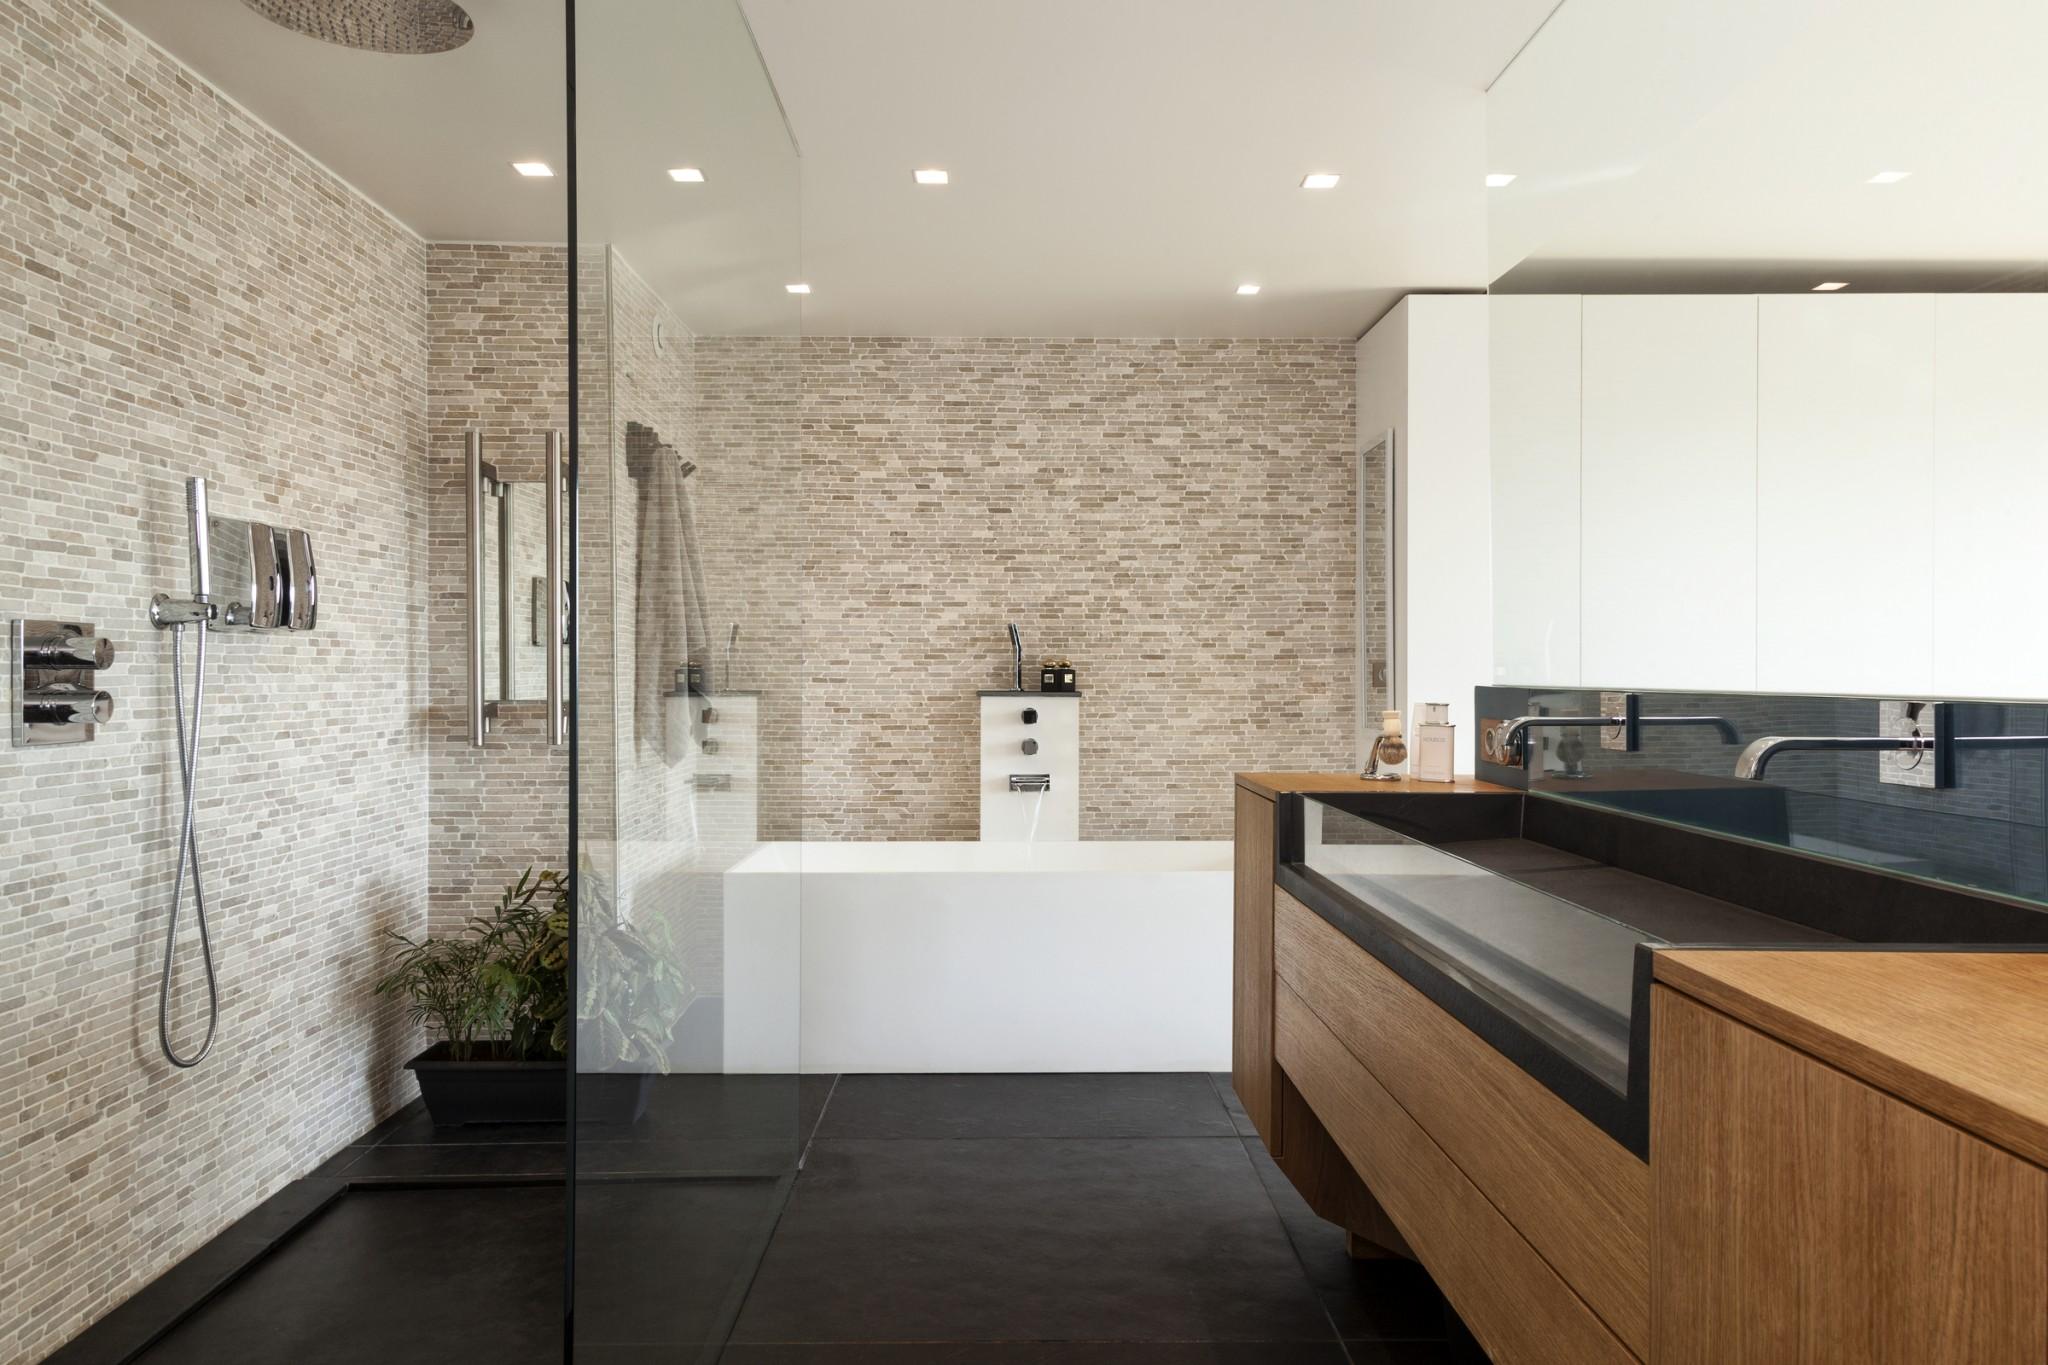 Renovation D Interieur Paris glenn medioni - architecte d'intérieur - paris